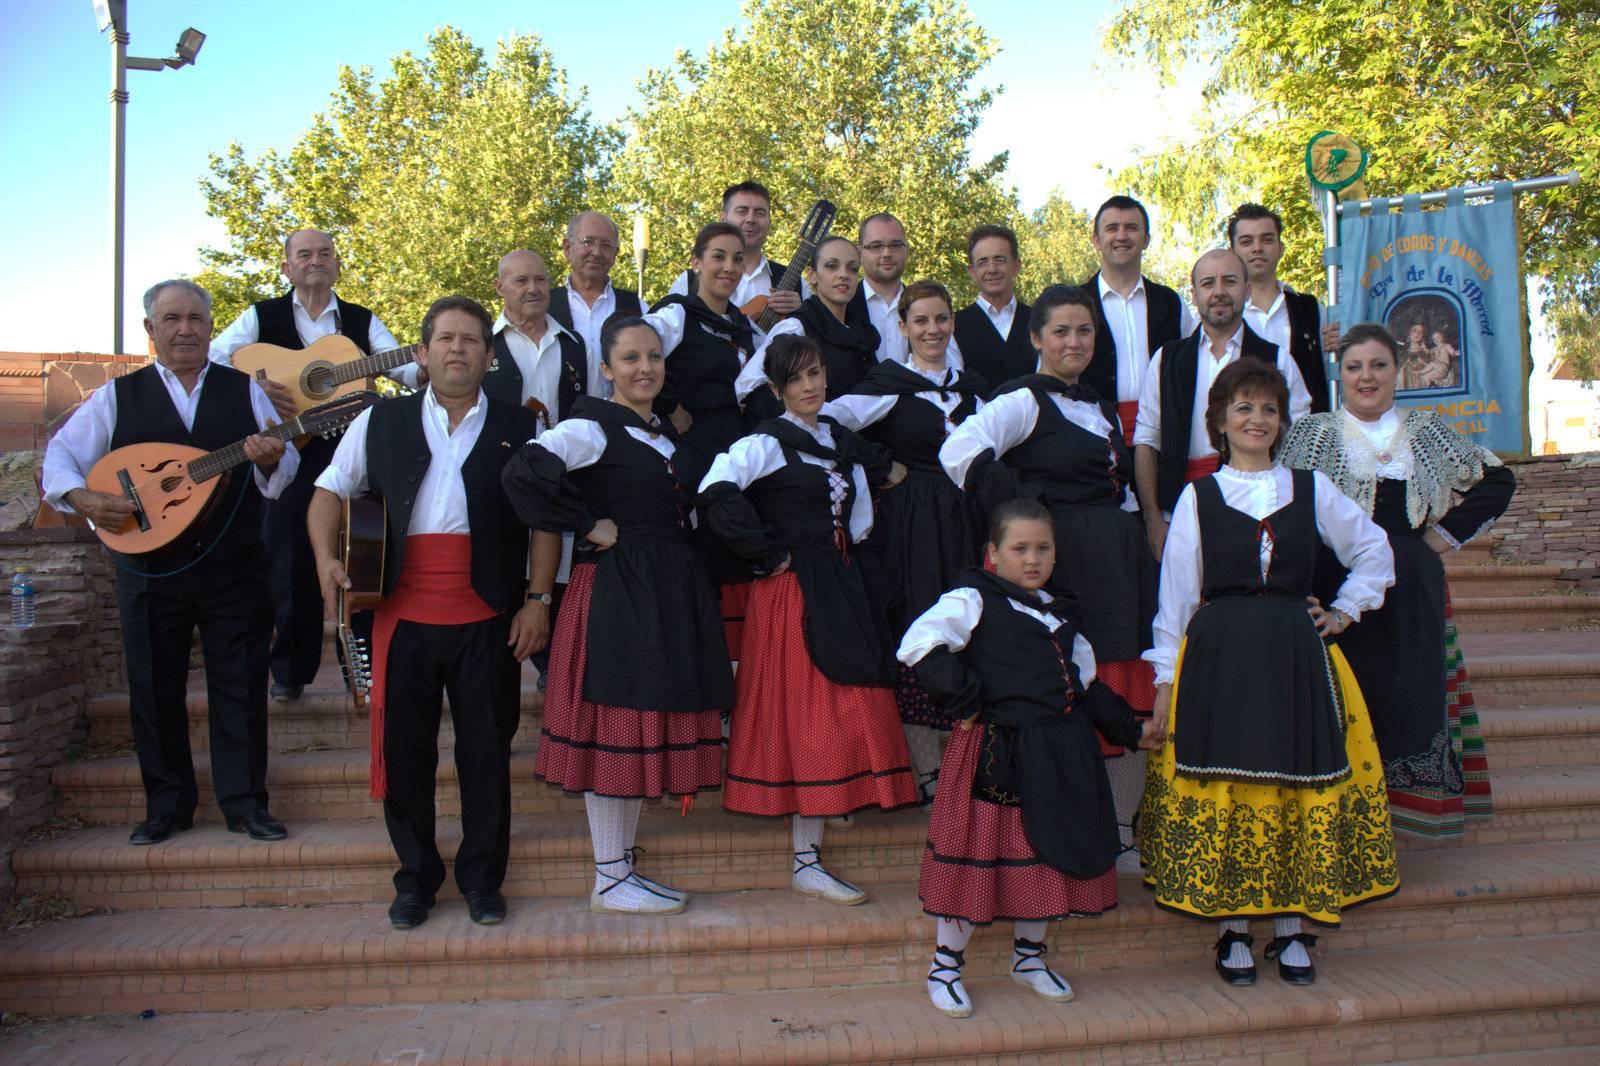 Grupo folclorico nuestra señora de la merced de Herencia